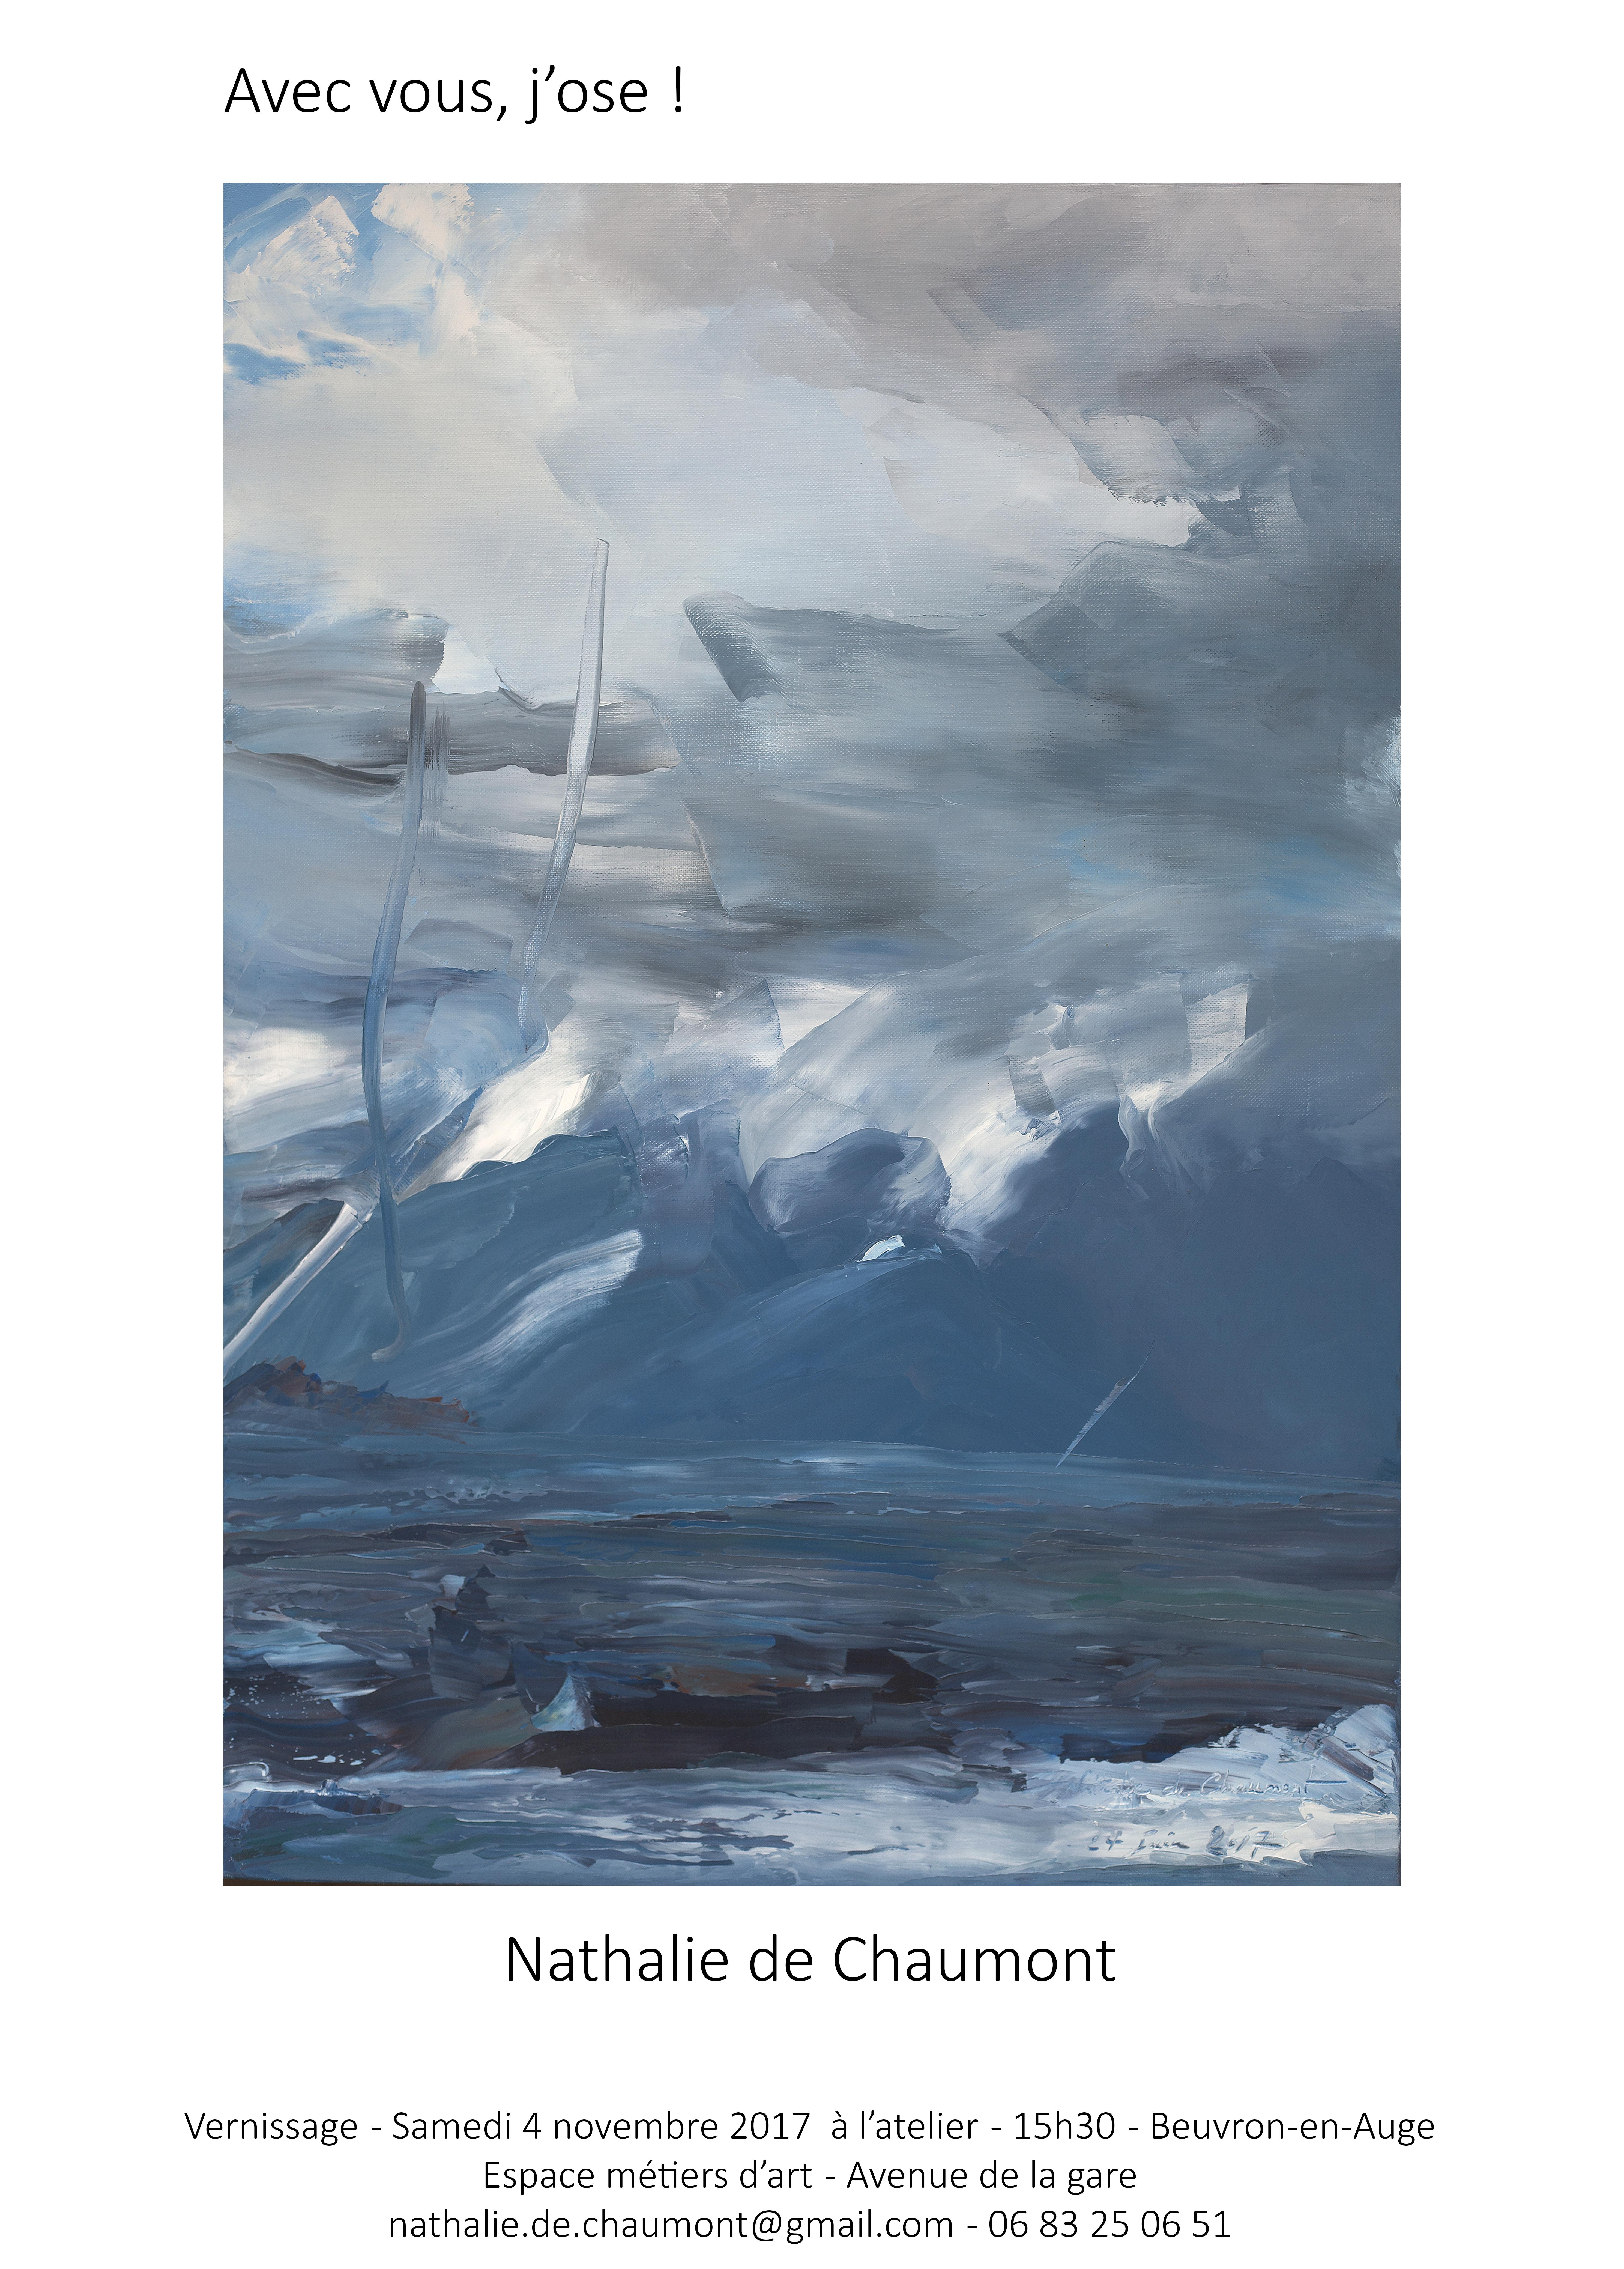 mer et ciels dans tous leurs etats